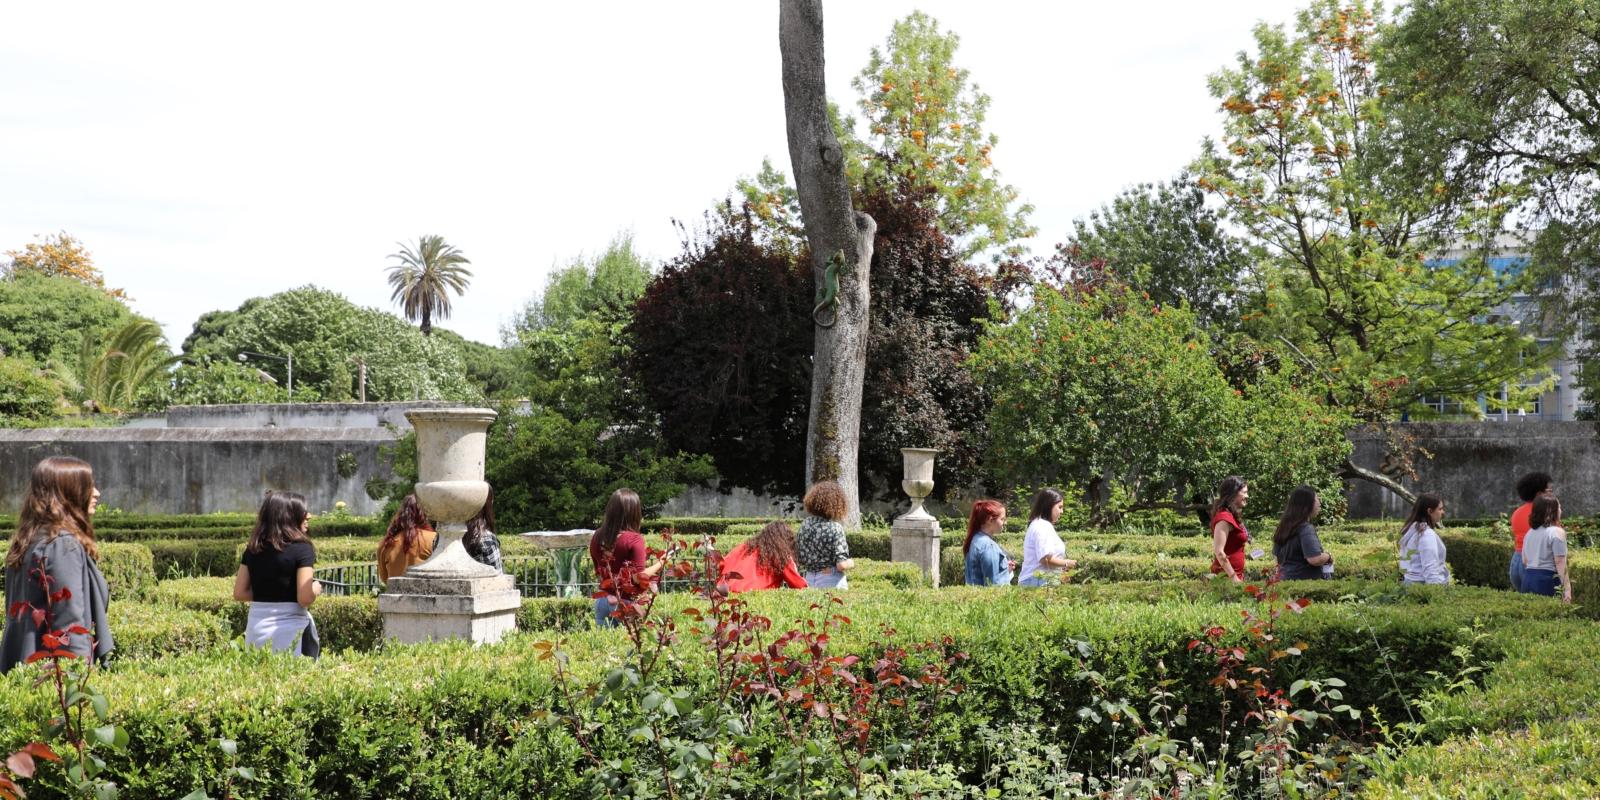 Jovens a passear num jardim